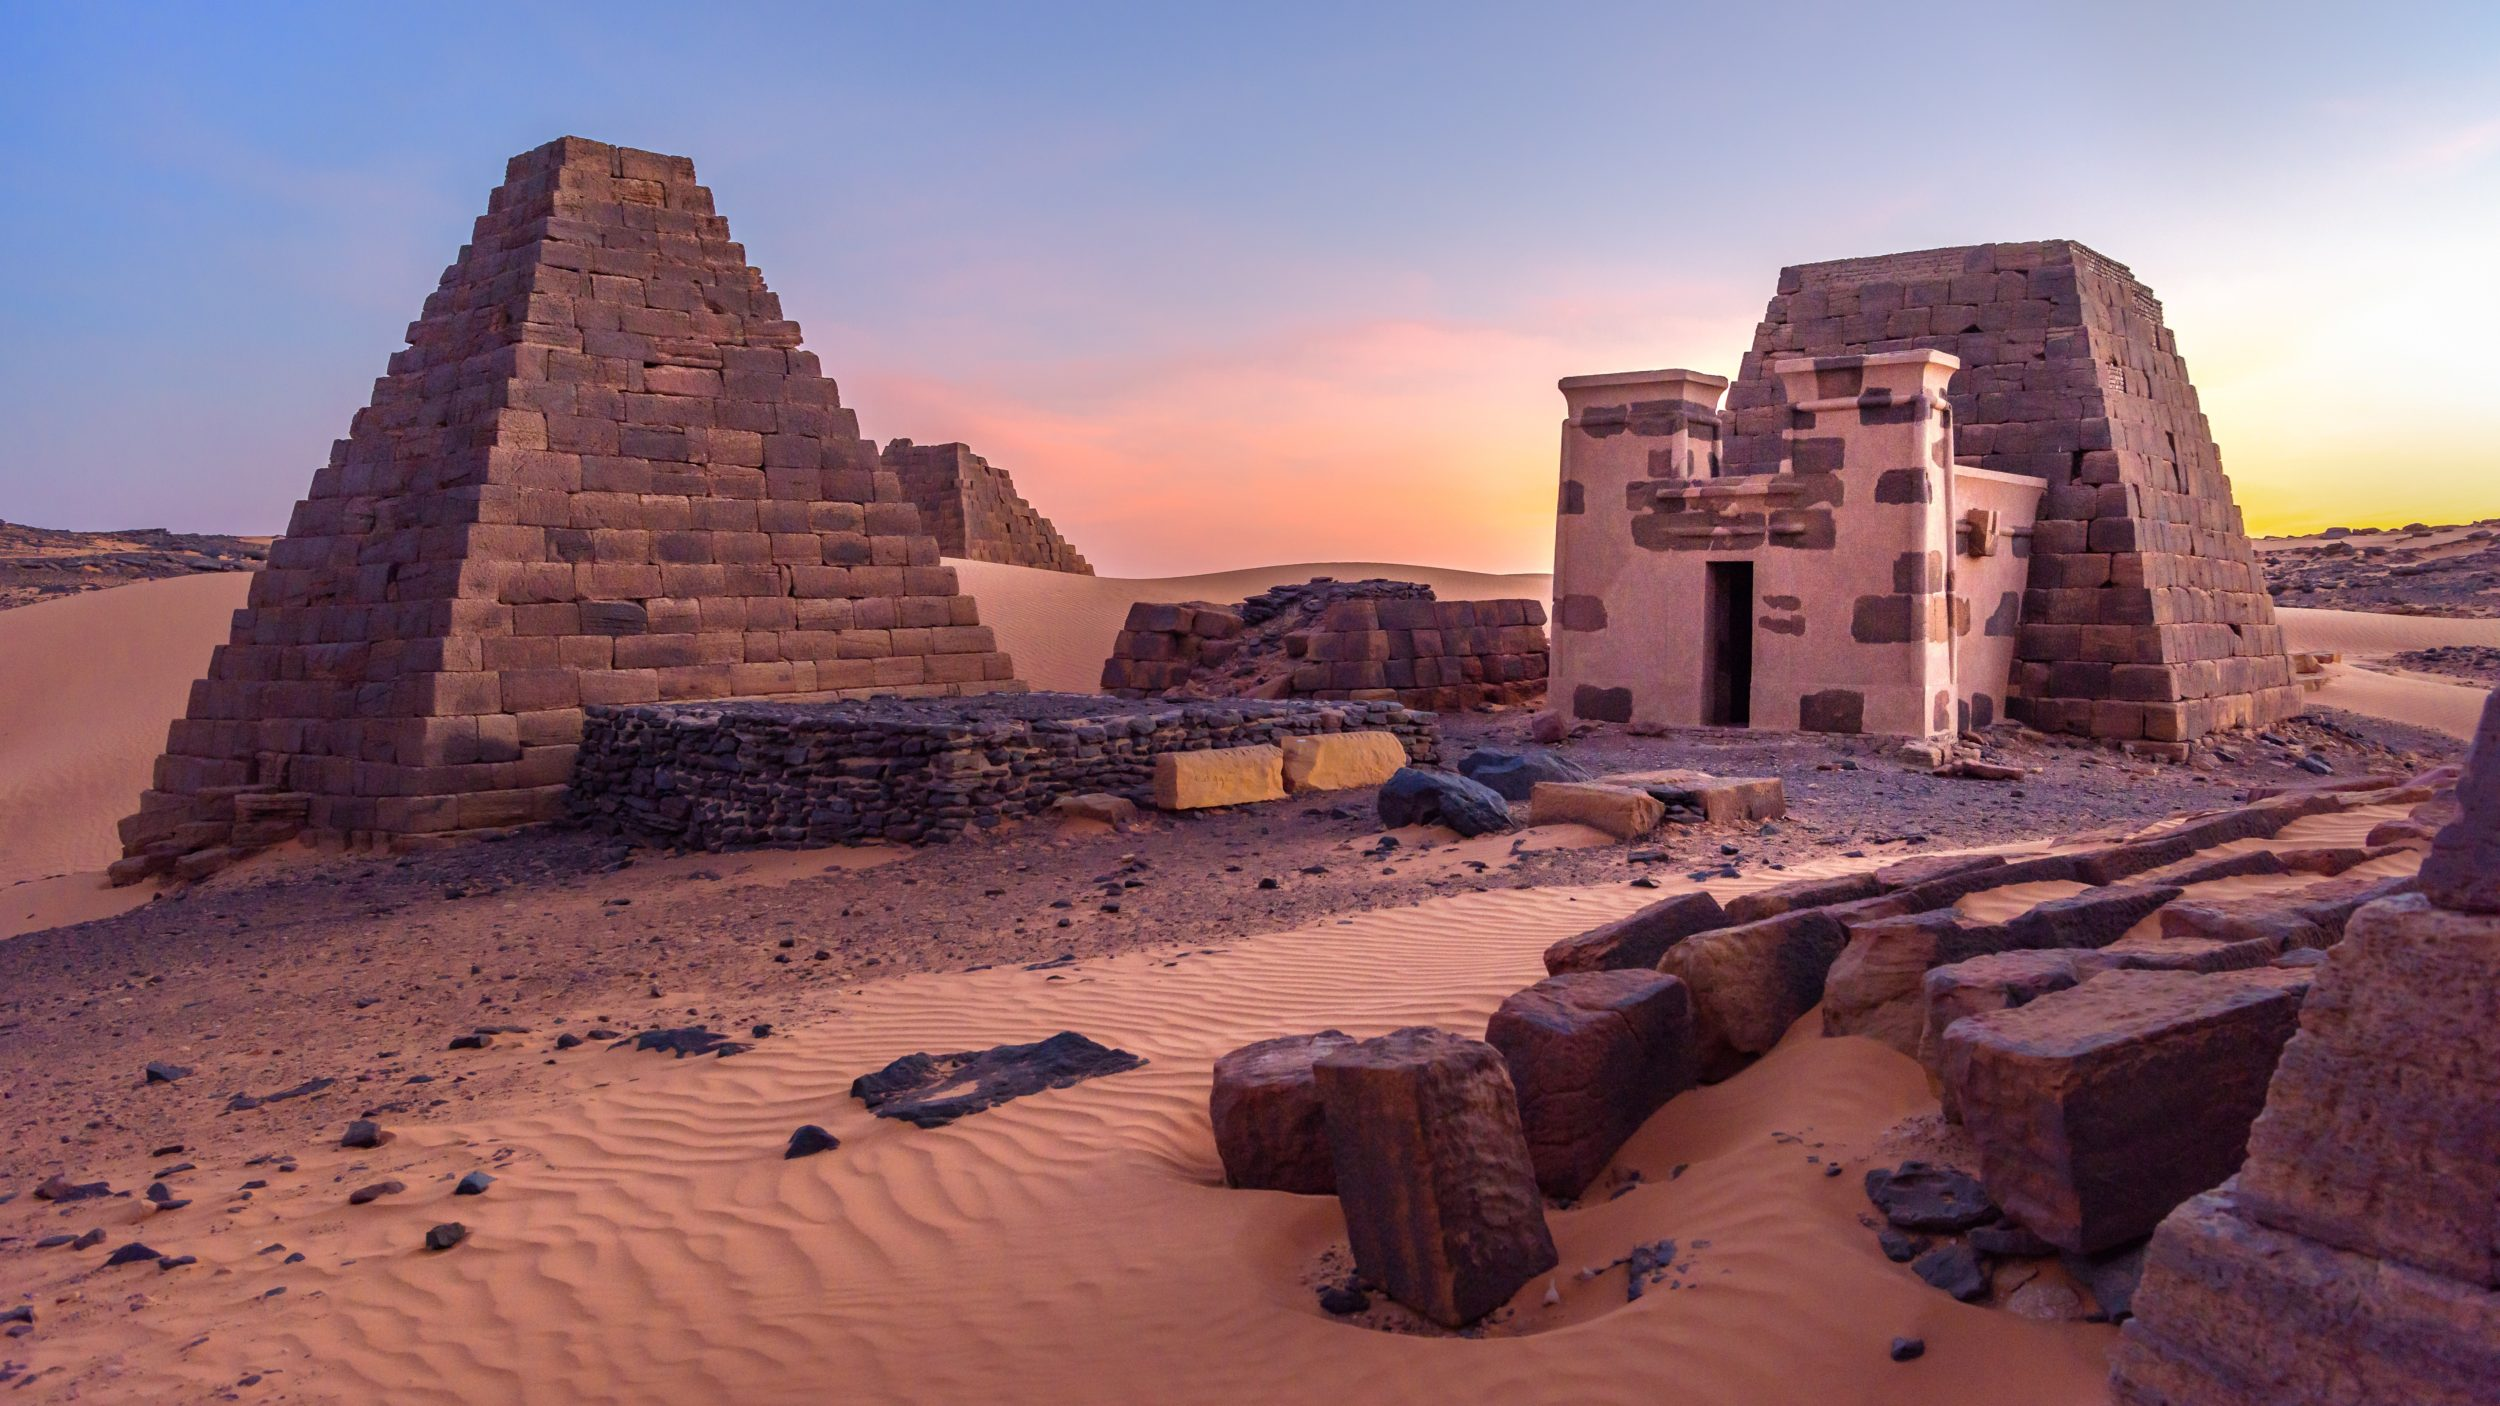 Sudan [shutterstock]